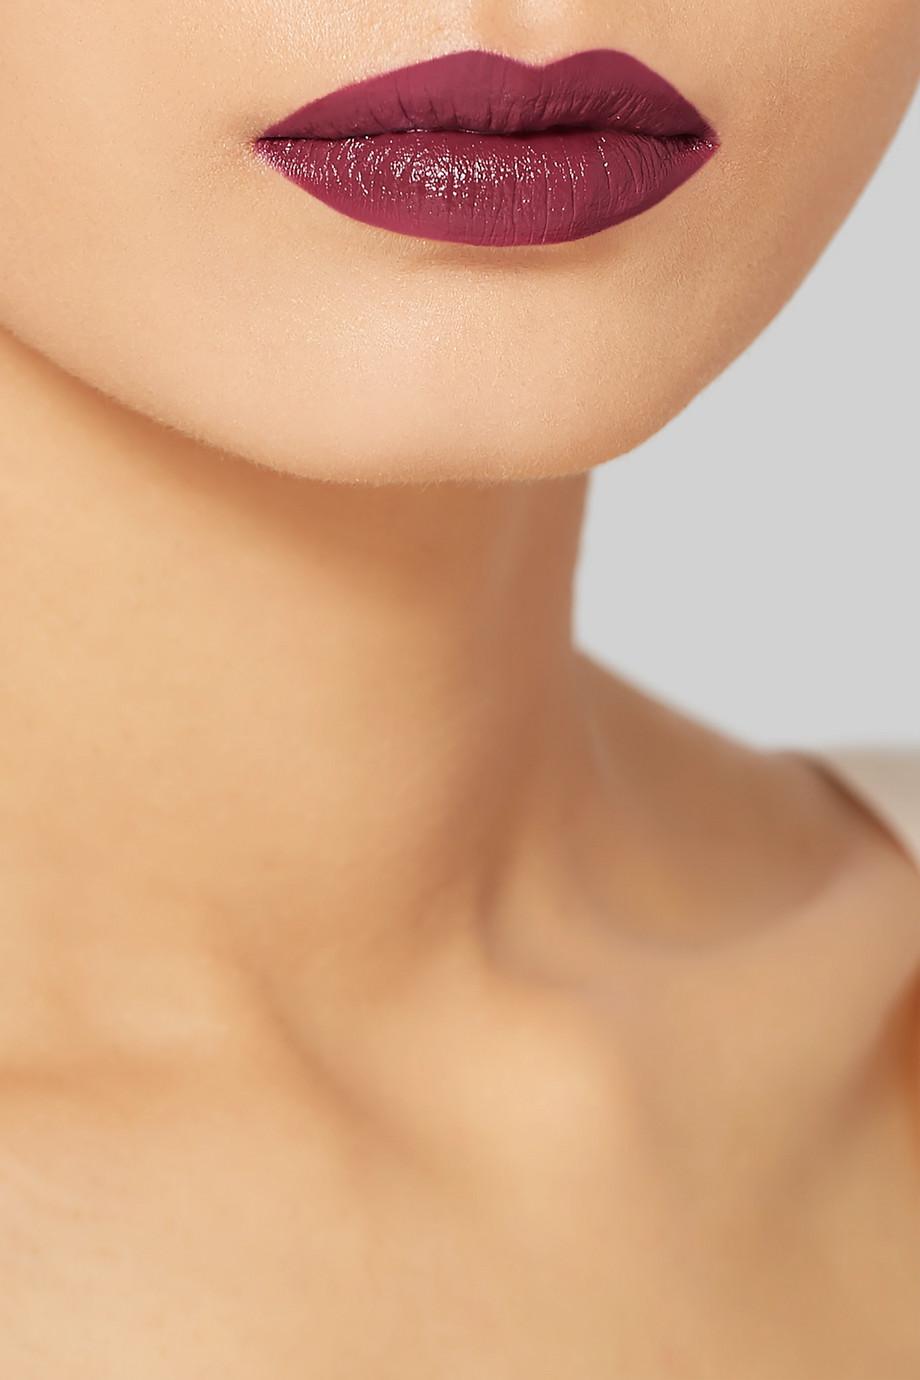 Charlotte Tilbury Rouge à lèvres Superstar Lips, Confident Lips